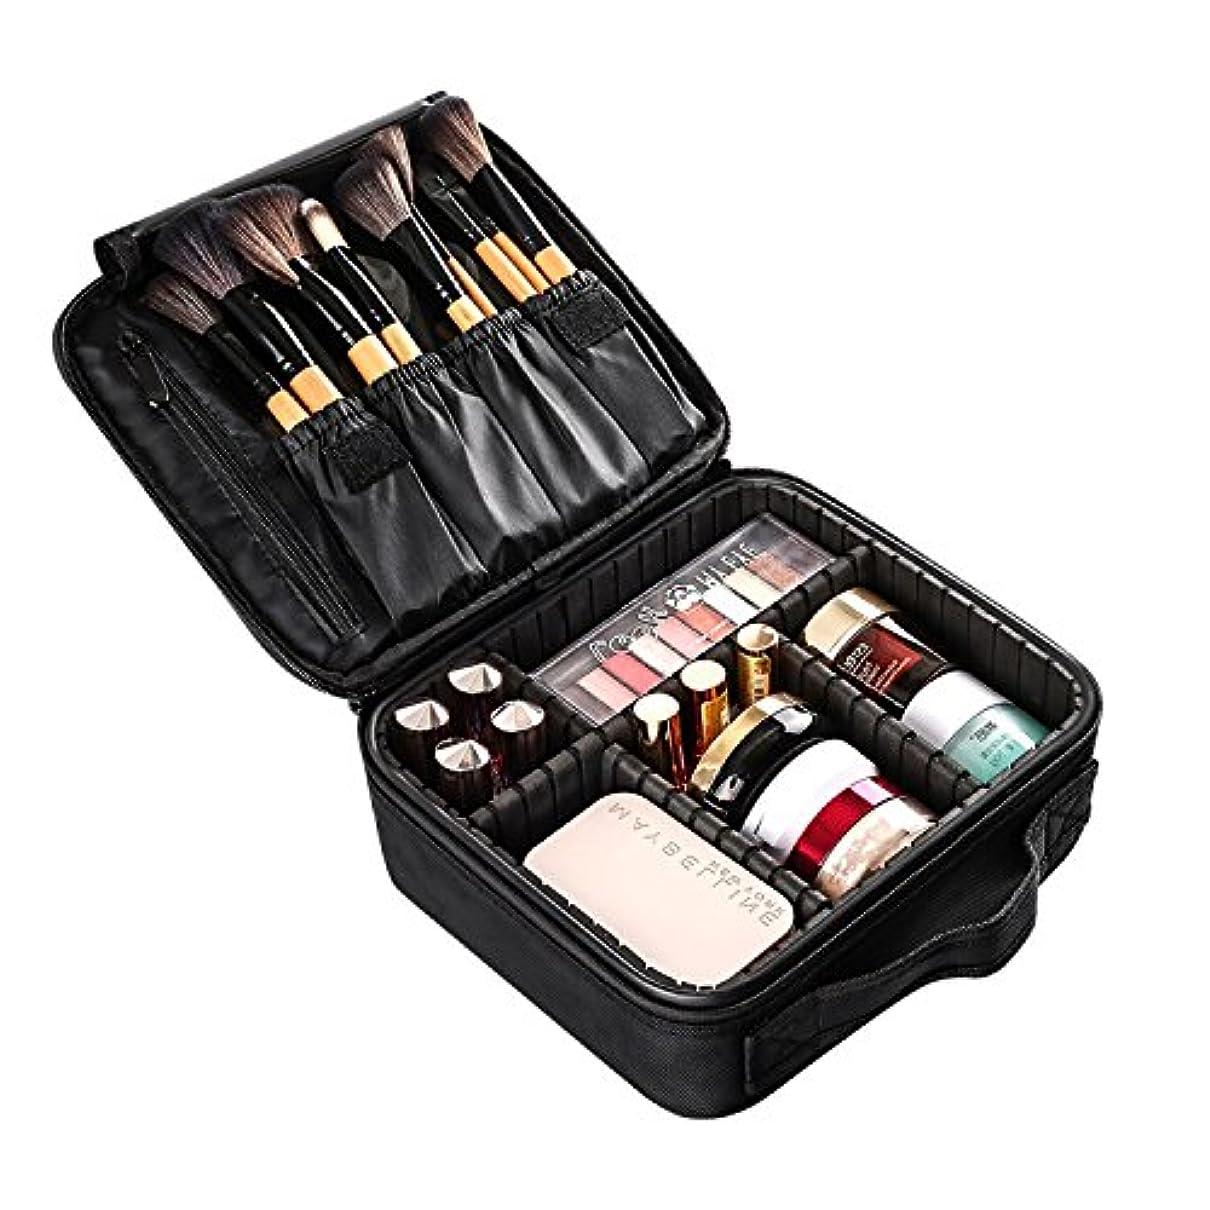 乱れロボット城ELOKI プロ用 メイクボックス 高品質 收納抜群 大容量 化粧バッグ 置き方が調整できる 旅行 家用に大活躍な化粧箱